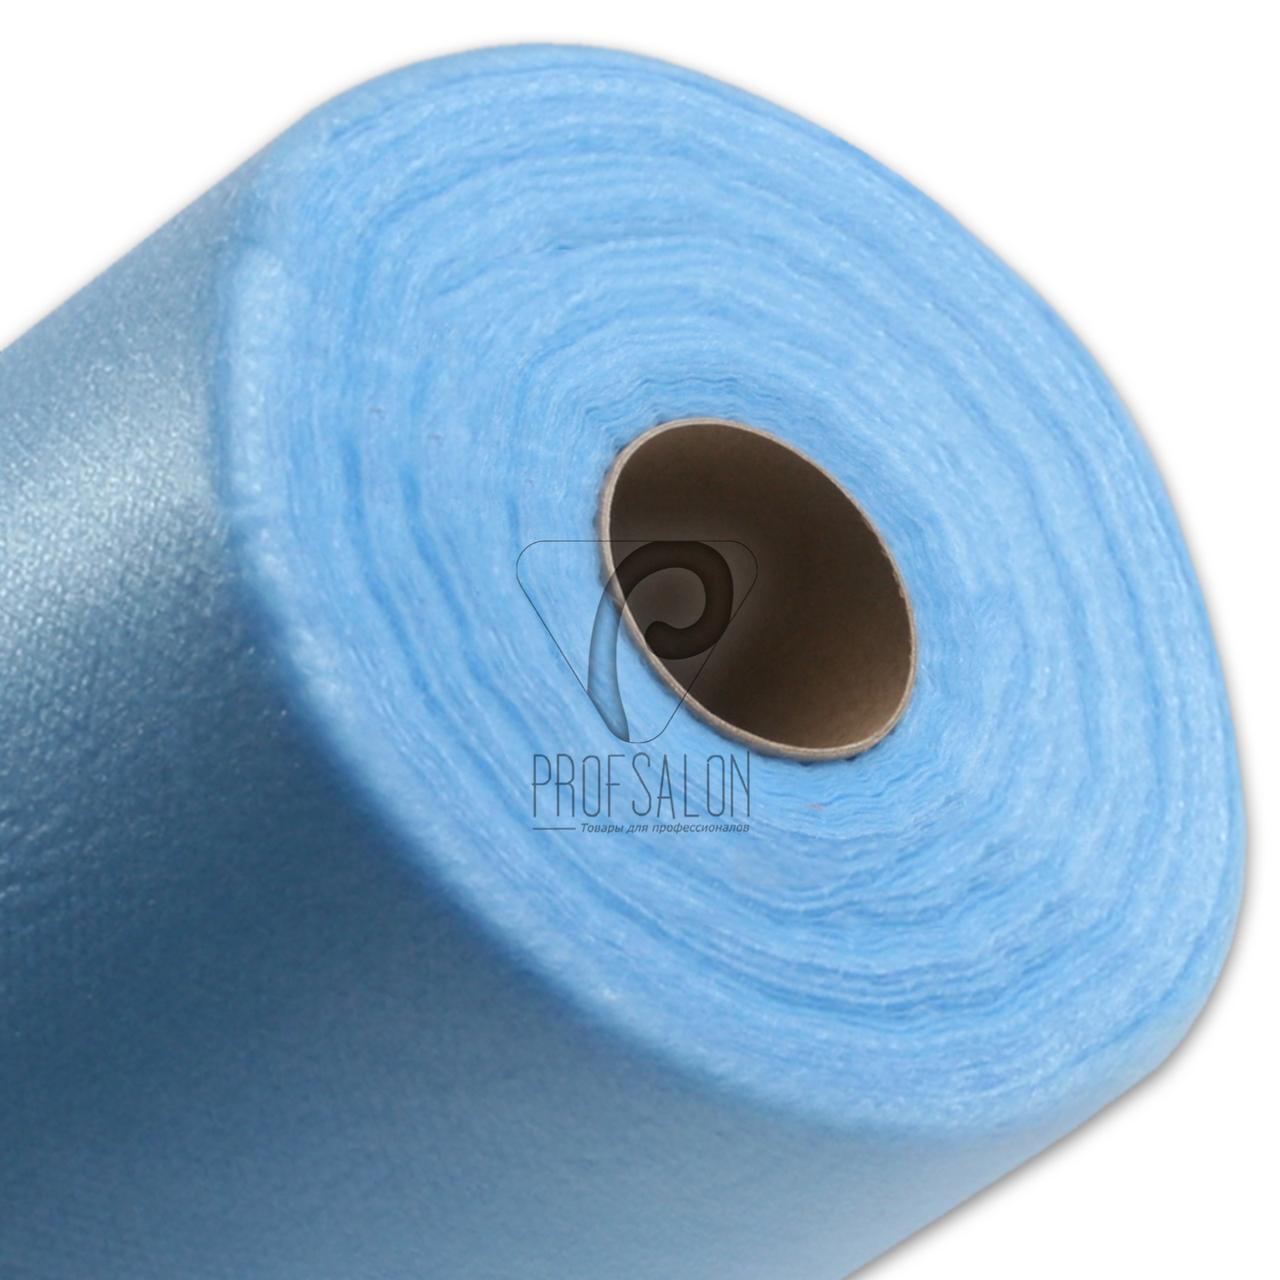 Одноразовые простыни в рулонах 0,8х500 метров 20 г/м2, медицинские, для салонов красоты, голубые